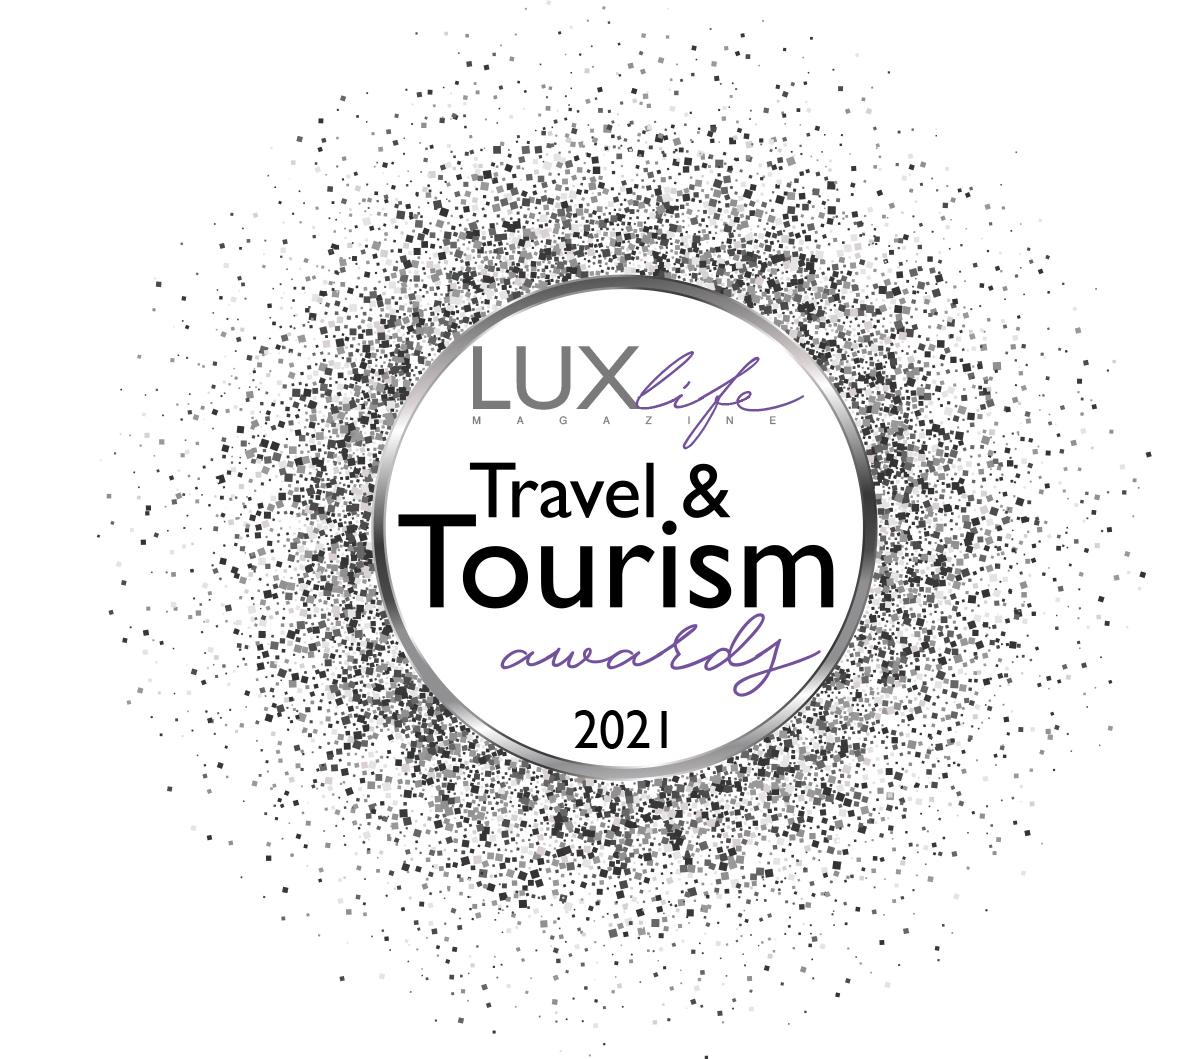 2021 Travel & Tourism Tourism Awards